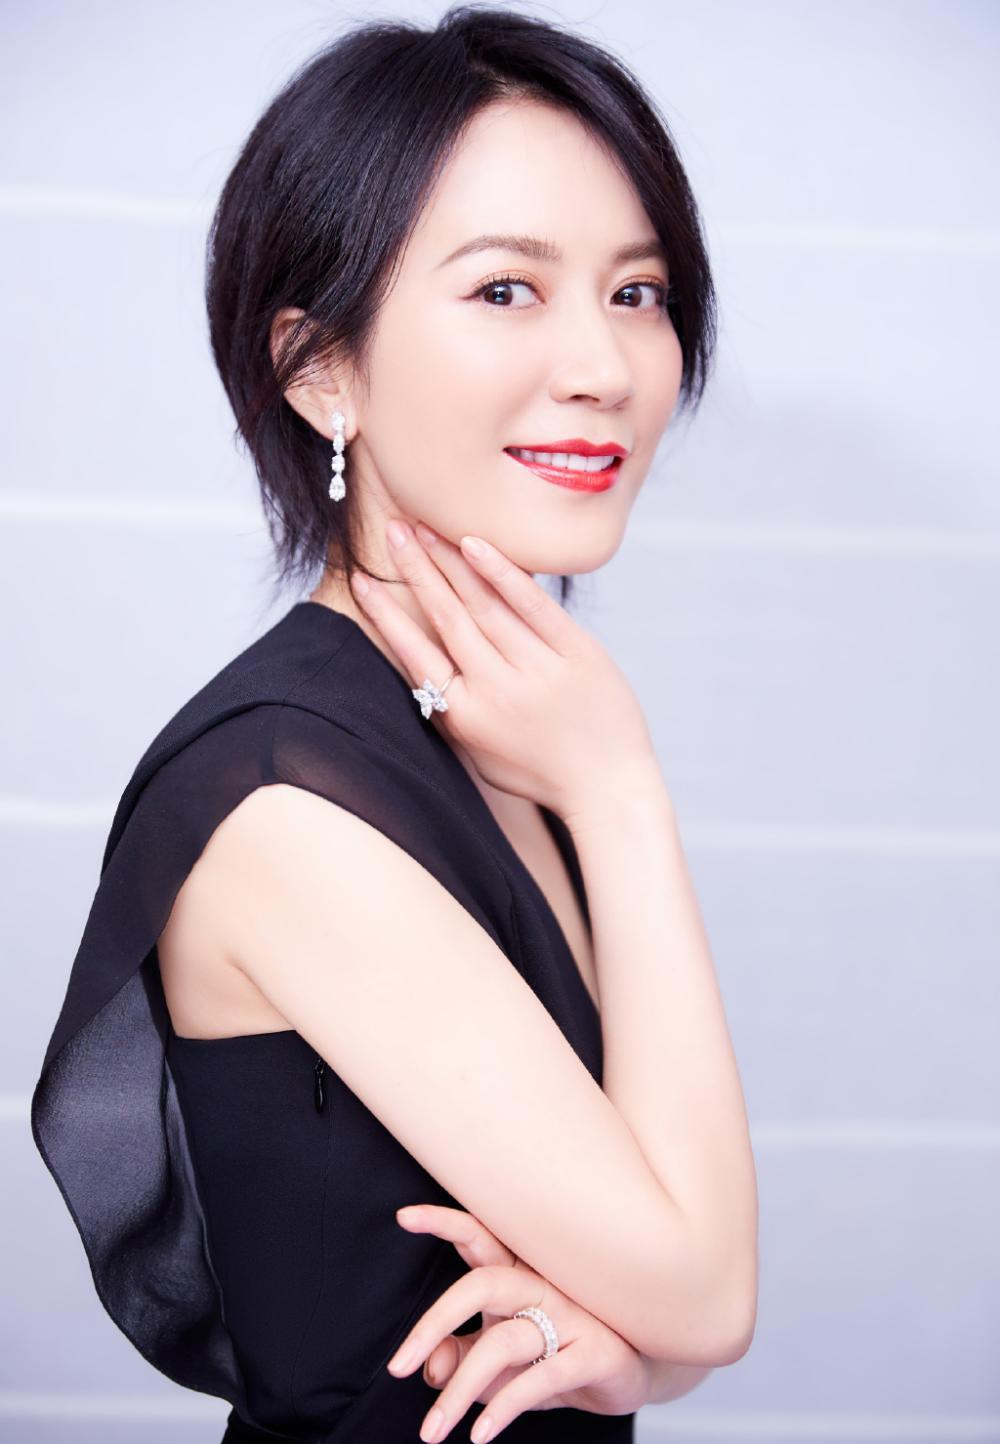 48岁俞飞鸿换新发型, 锁骨发搭配黑色look连衣裙, 居然意外时尚图片